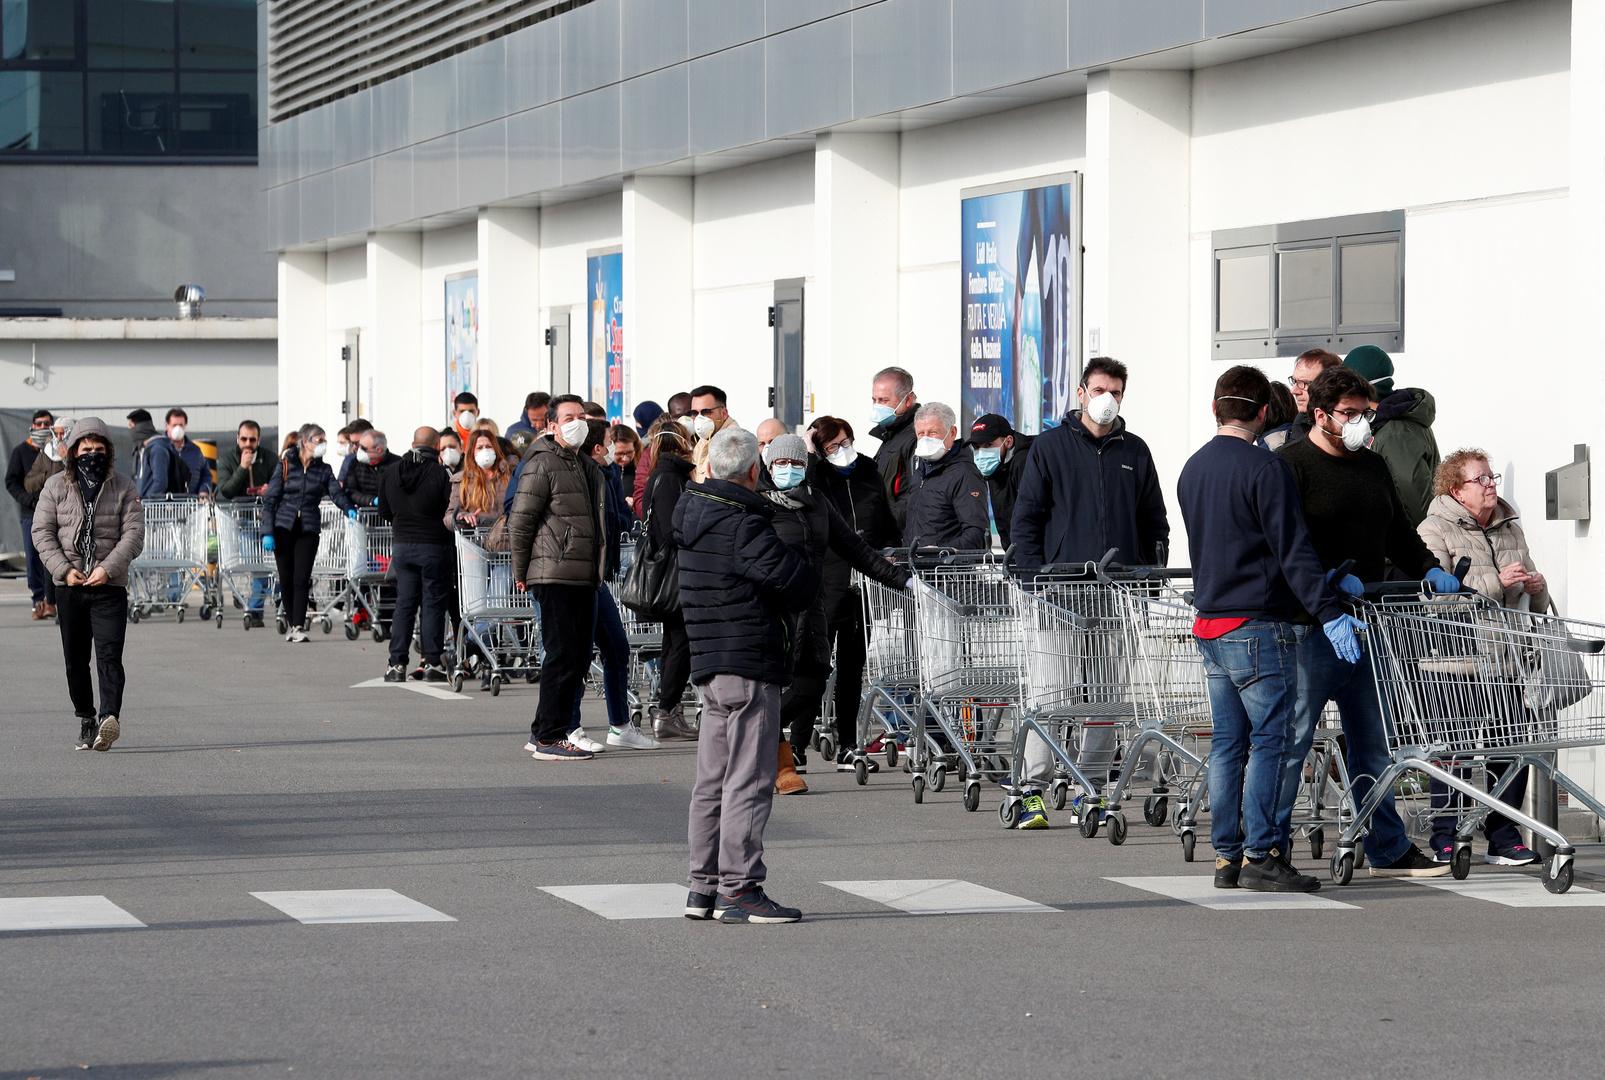 Supermarkets influx analysis